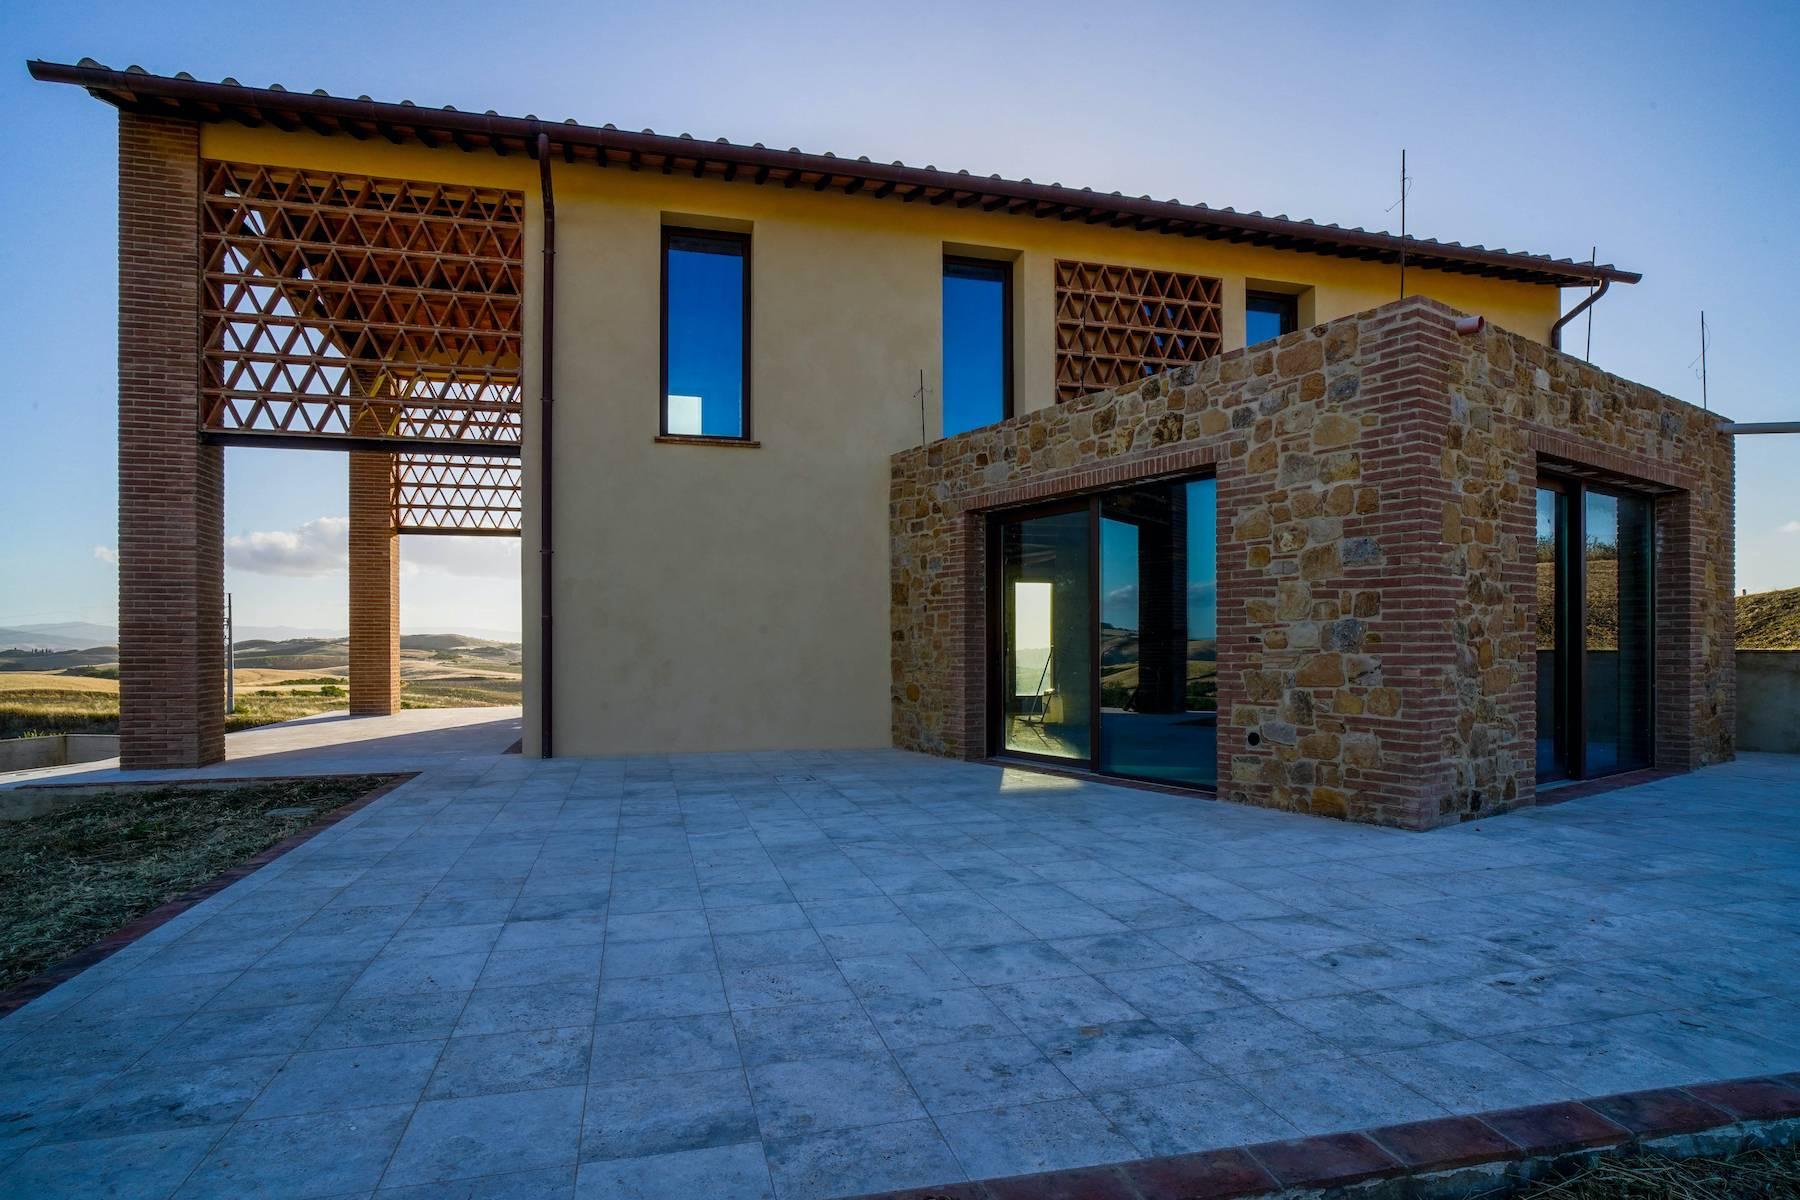 Rustico in Vendita a Montaione: 5 locali, 250 mq - Foto 2